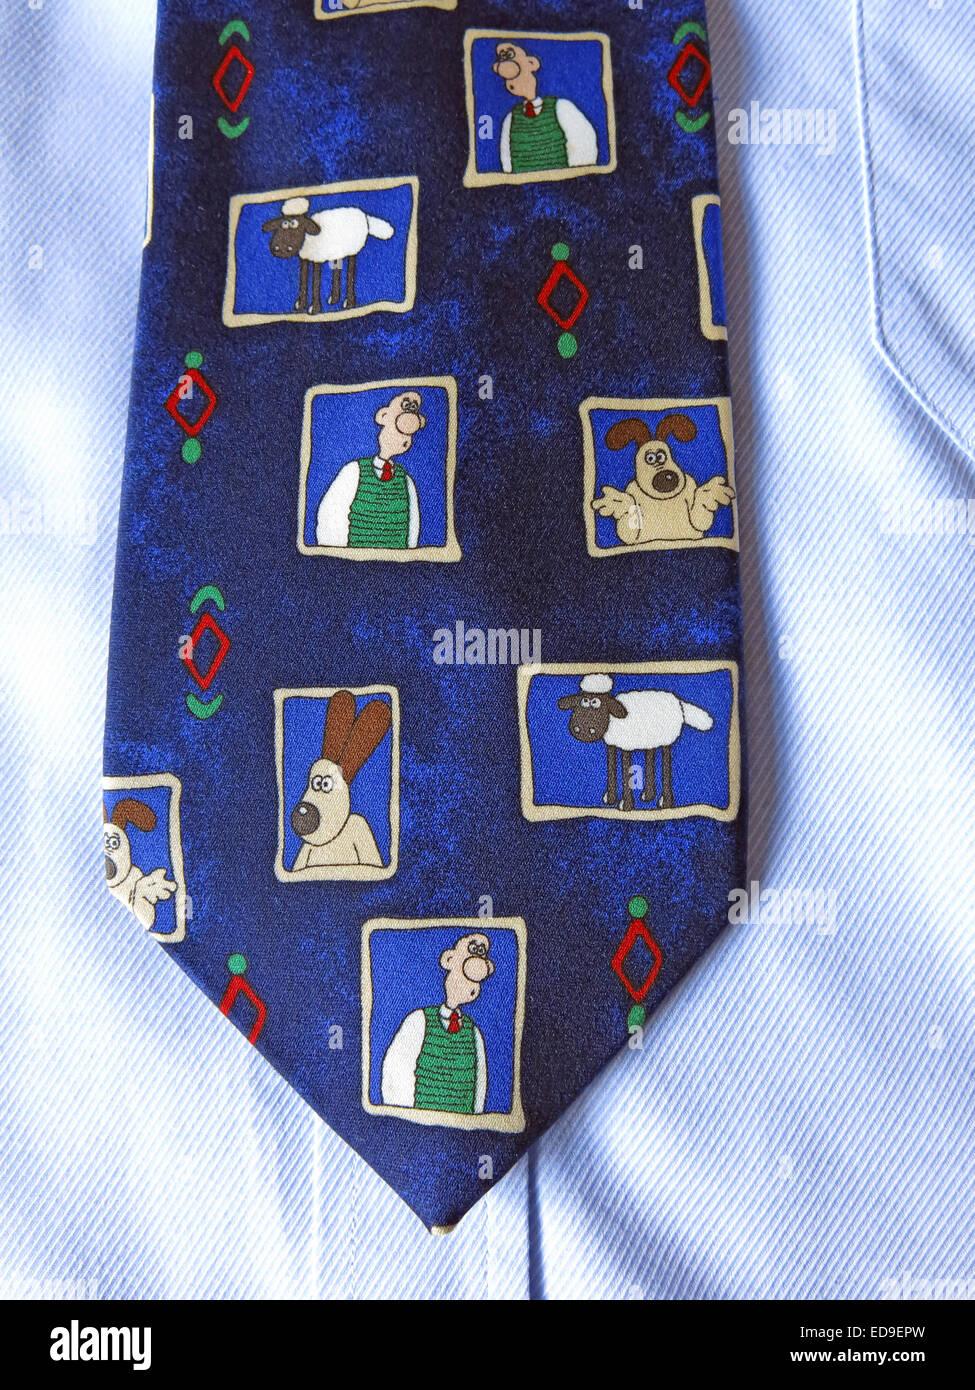 Laden Sie dieses Alamy Stockfoto Interessante Wallace & Tülle Komödie Krawatte, männliche Antik in Seide - ED9EPW